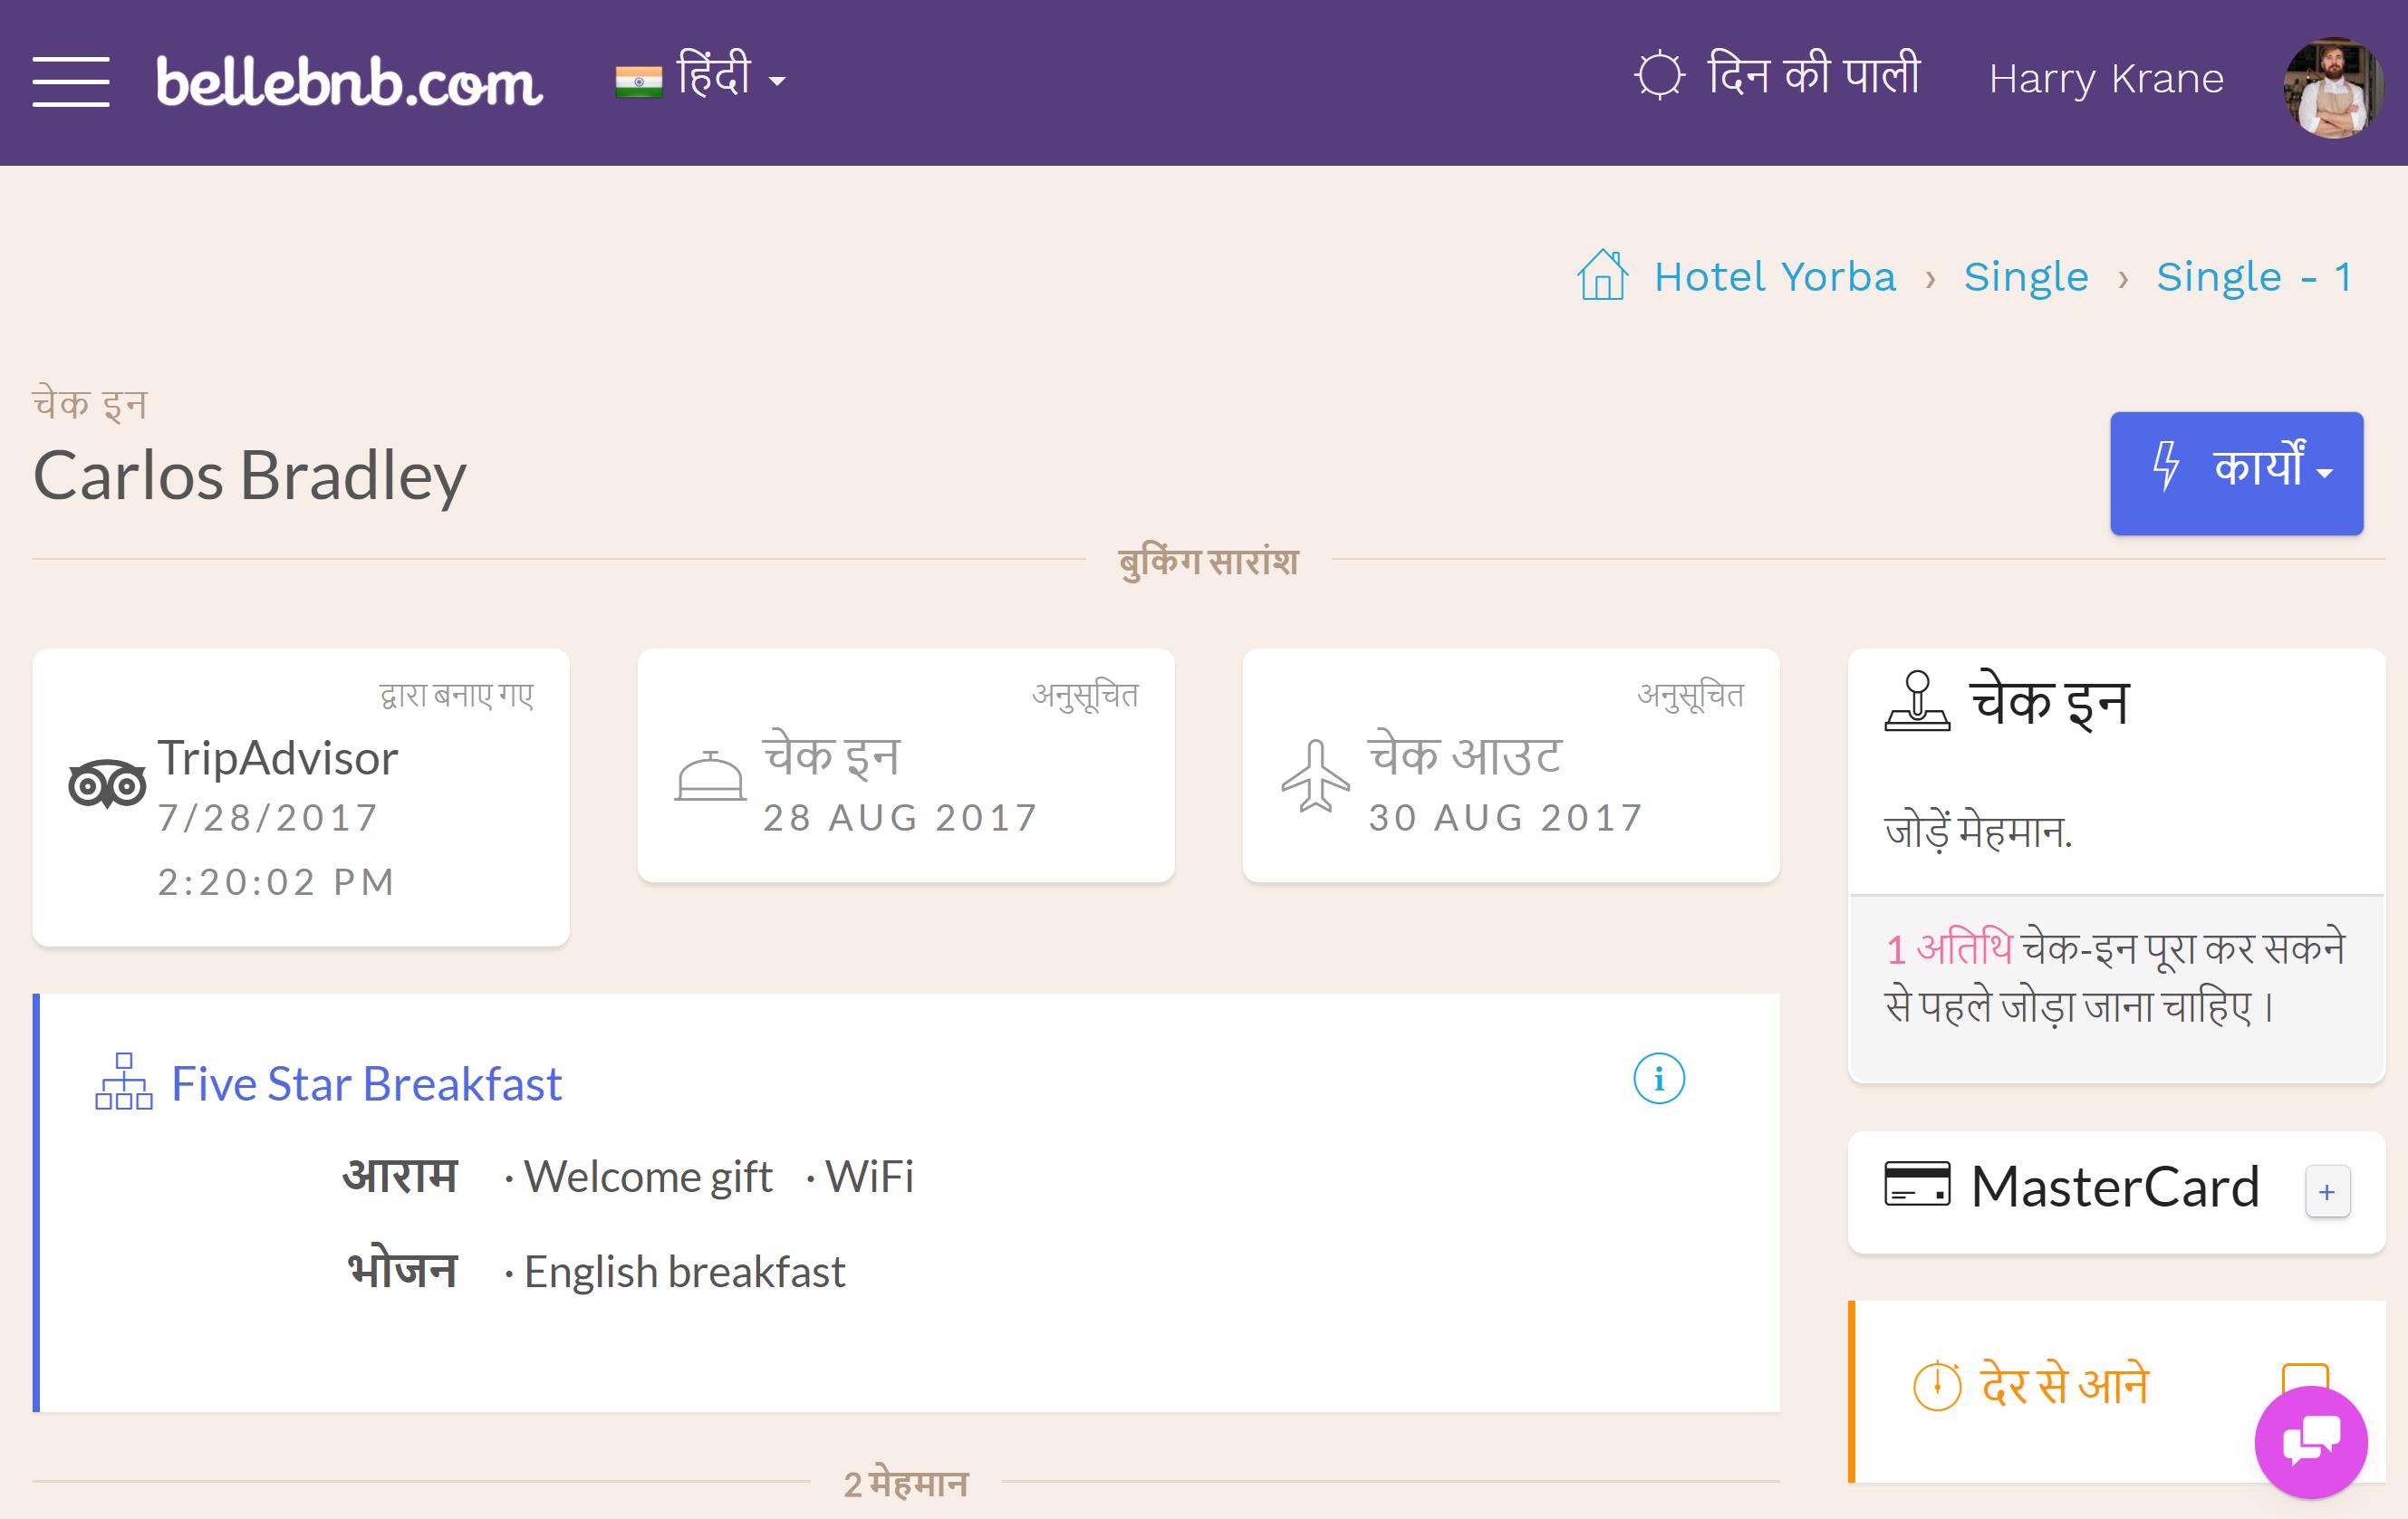 Le moteur de réservation de l'hôtel PMS Software, y compris le concierge Il est maintenant encore plus facile pour vos invités de commander un service de chambre dans leur propre langue..